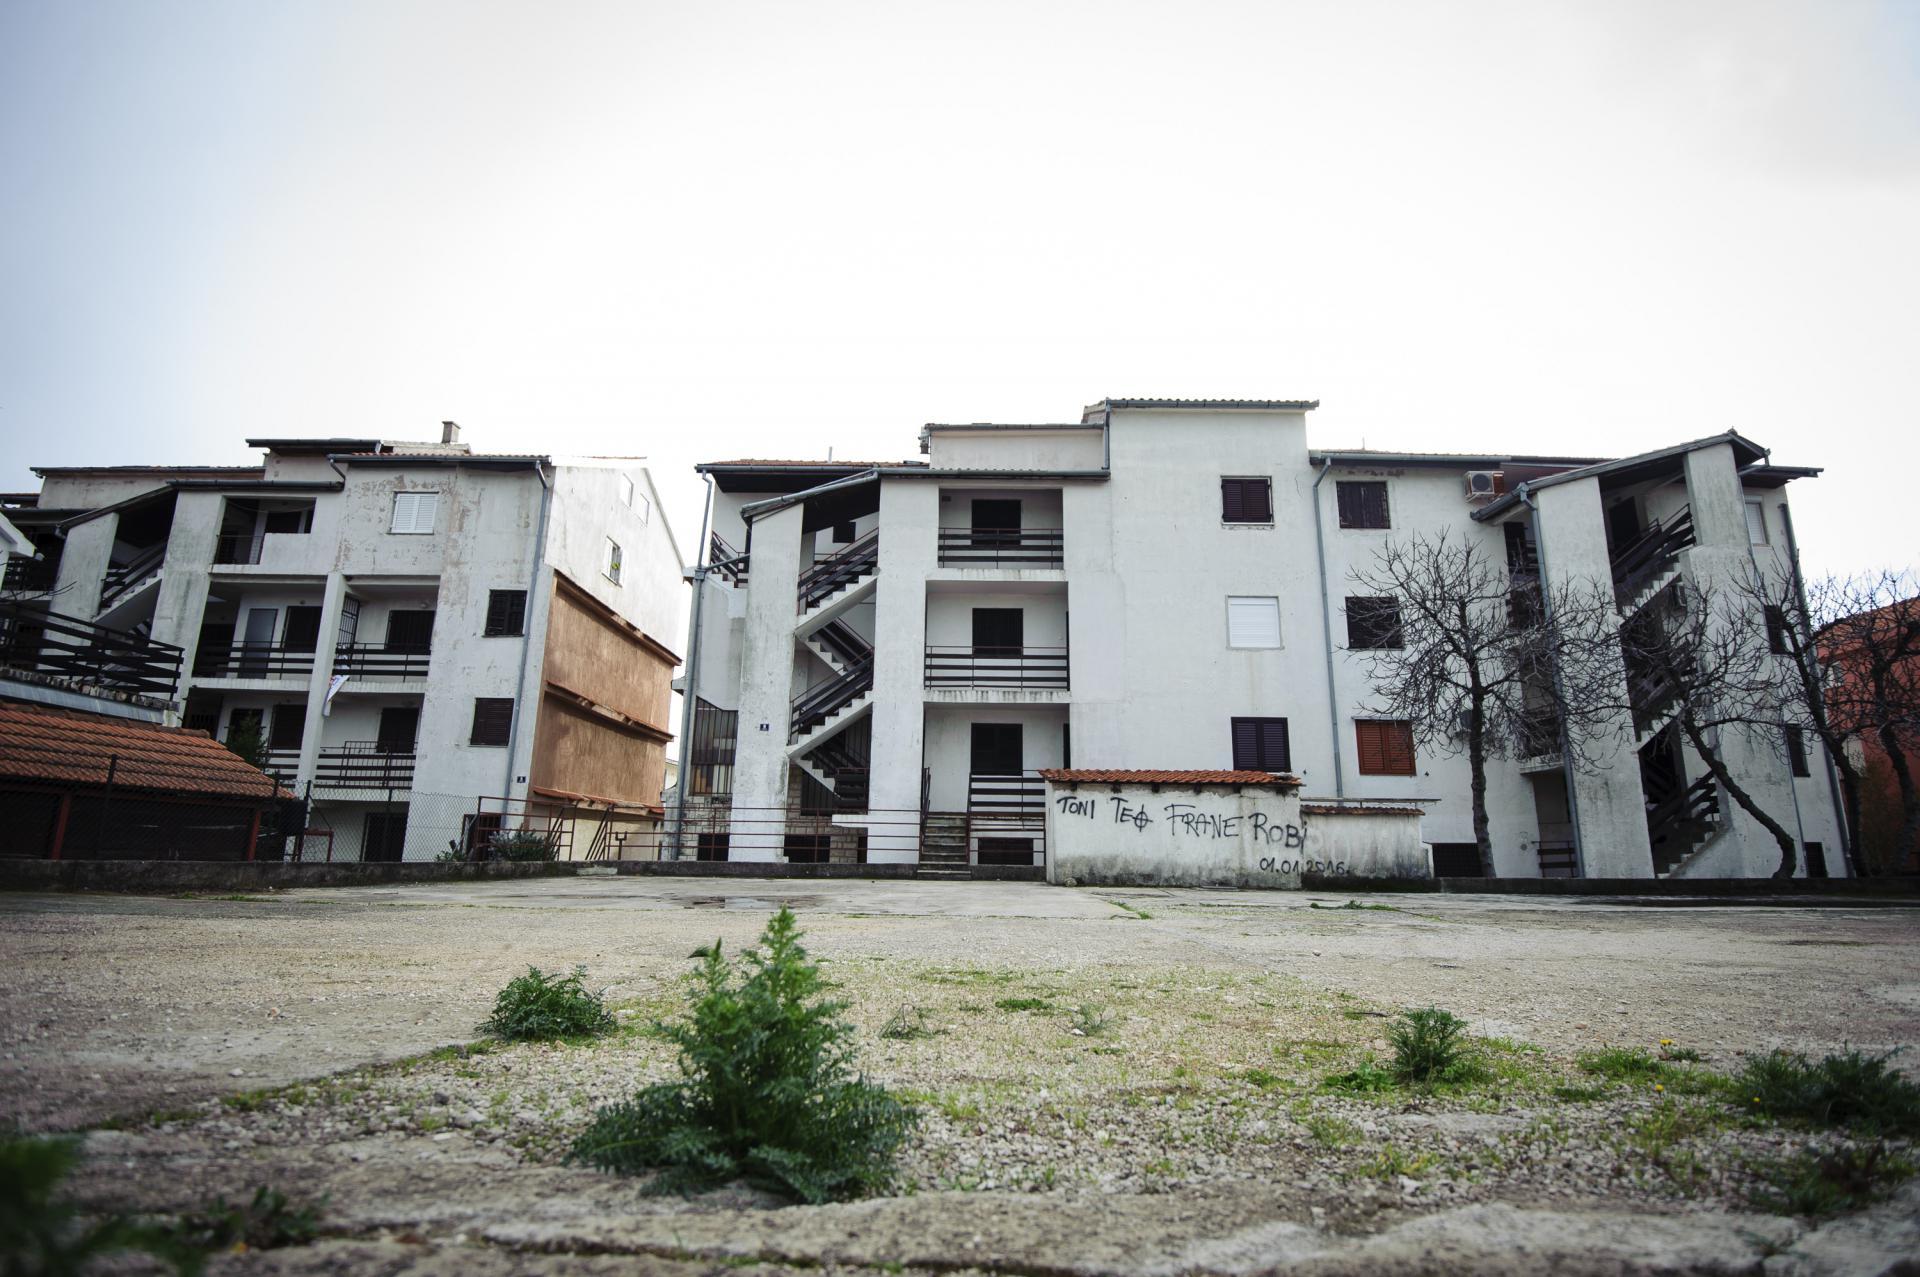 Apartmani su prodavani više puta različitim osobama